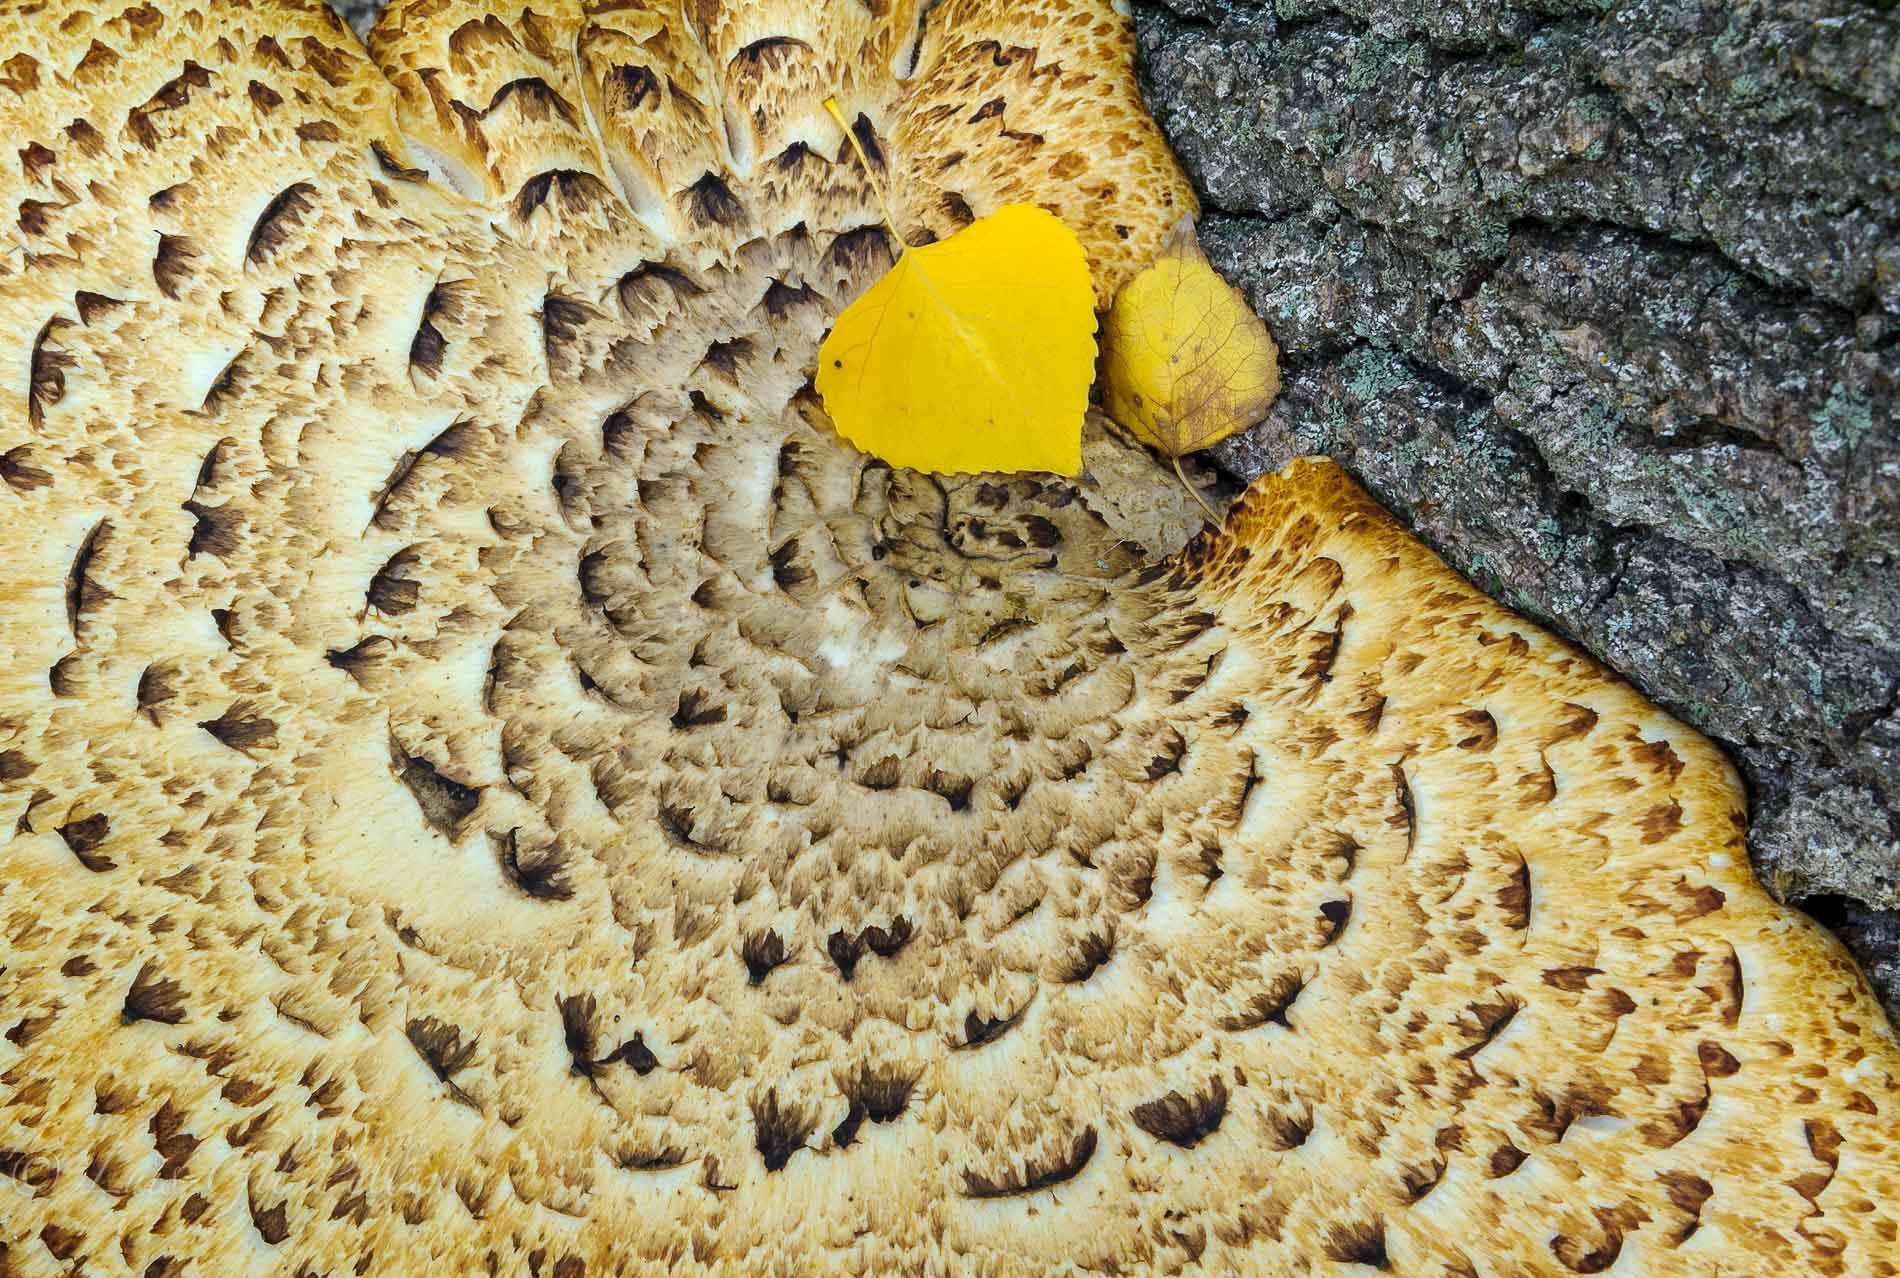 Polyporus squamosus - Ultimas imagenes - Luis Antonio Gil  Pellín , Fotografie della natura